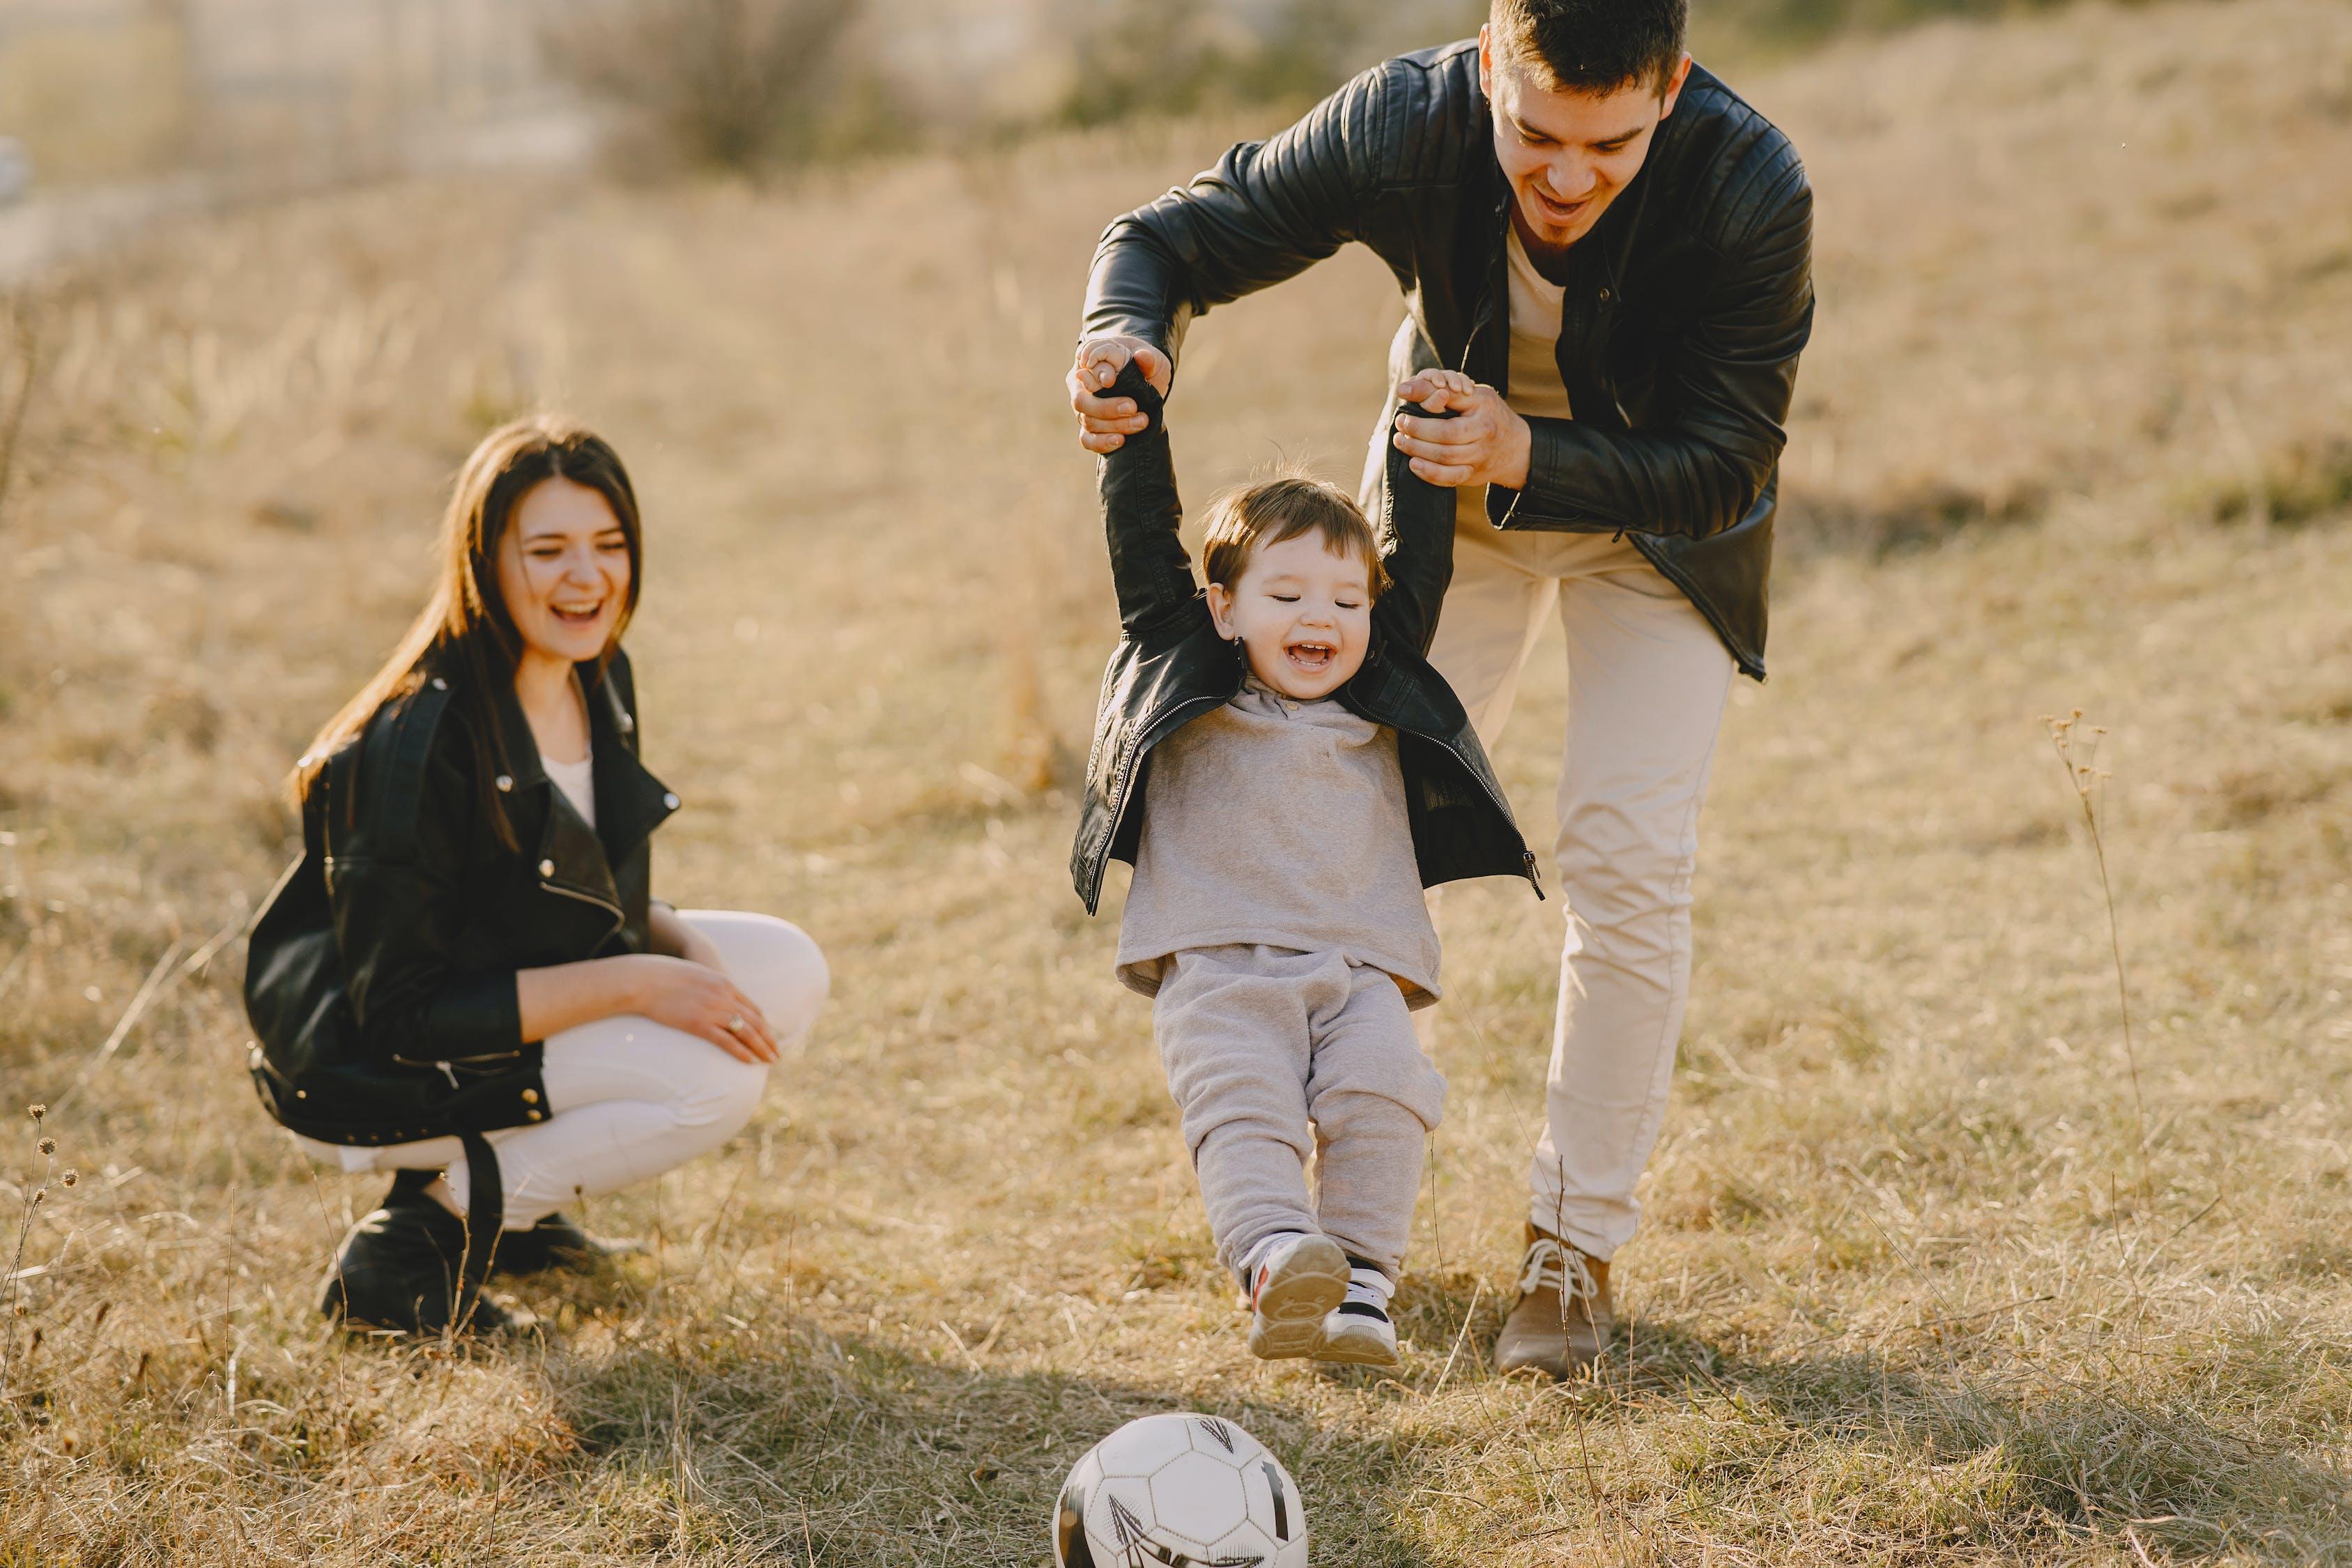 Фотография семьи, развлекающейся с футбольным мячом